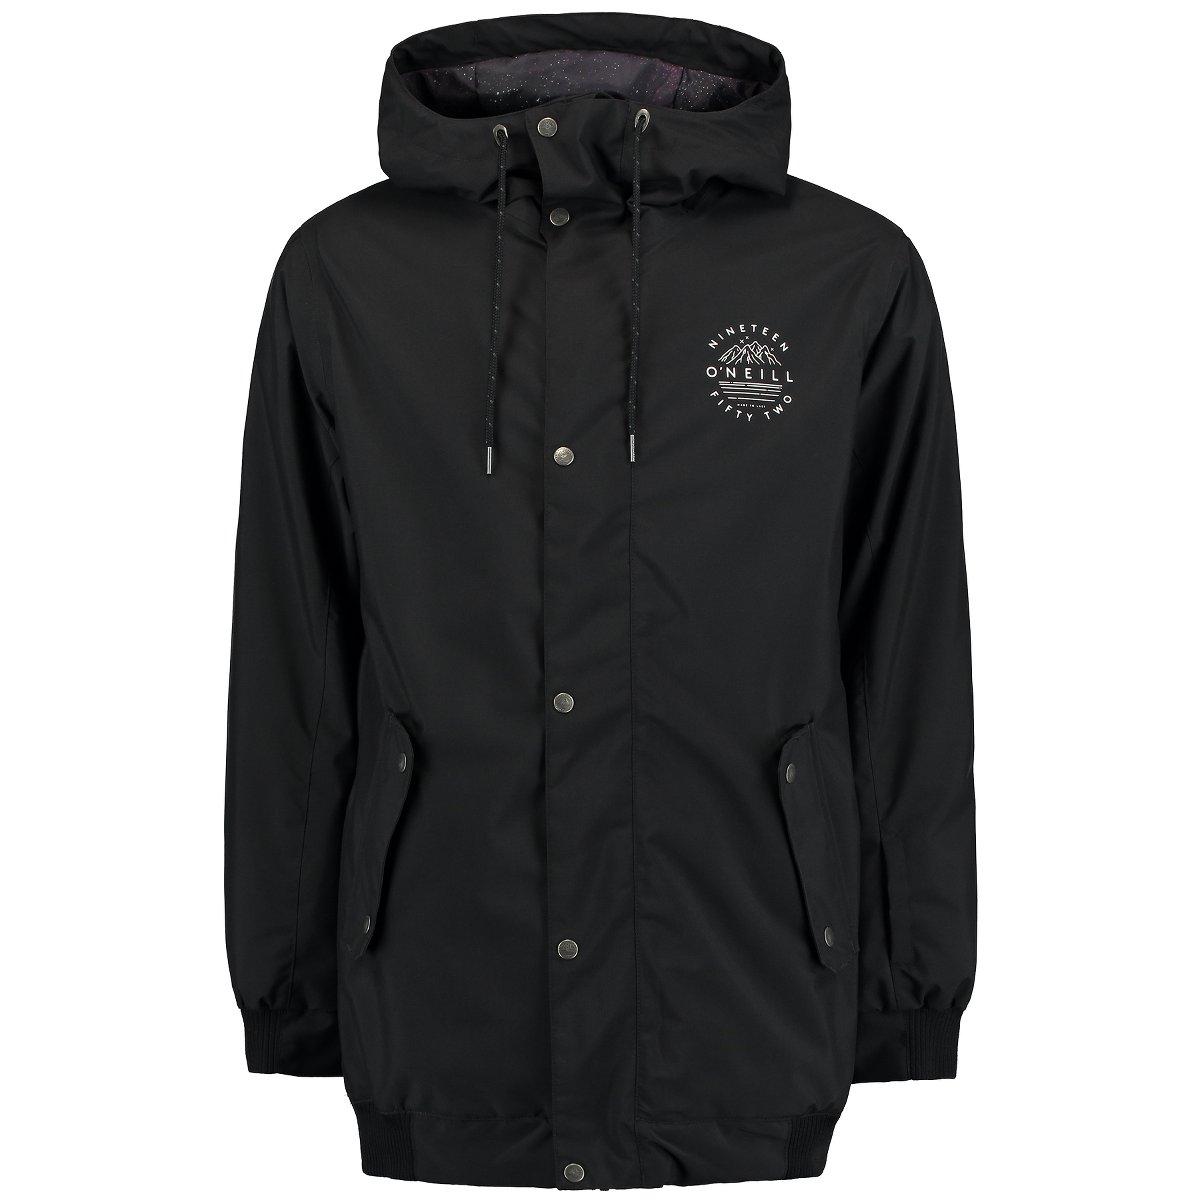 Das O'Neill Decode Jacket wärmt euch nach einer eisigen Surfsession.